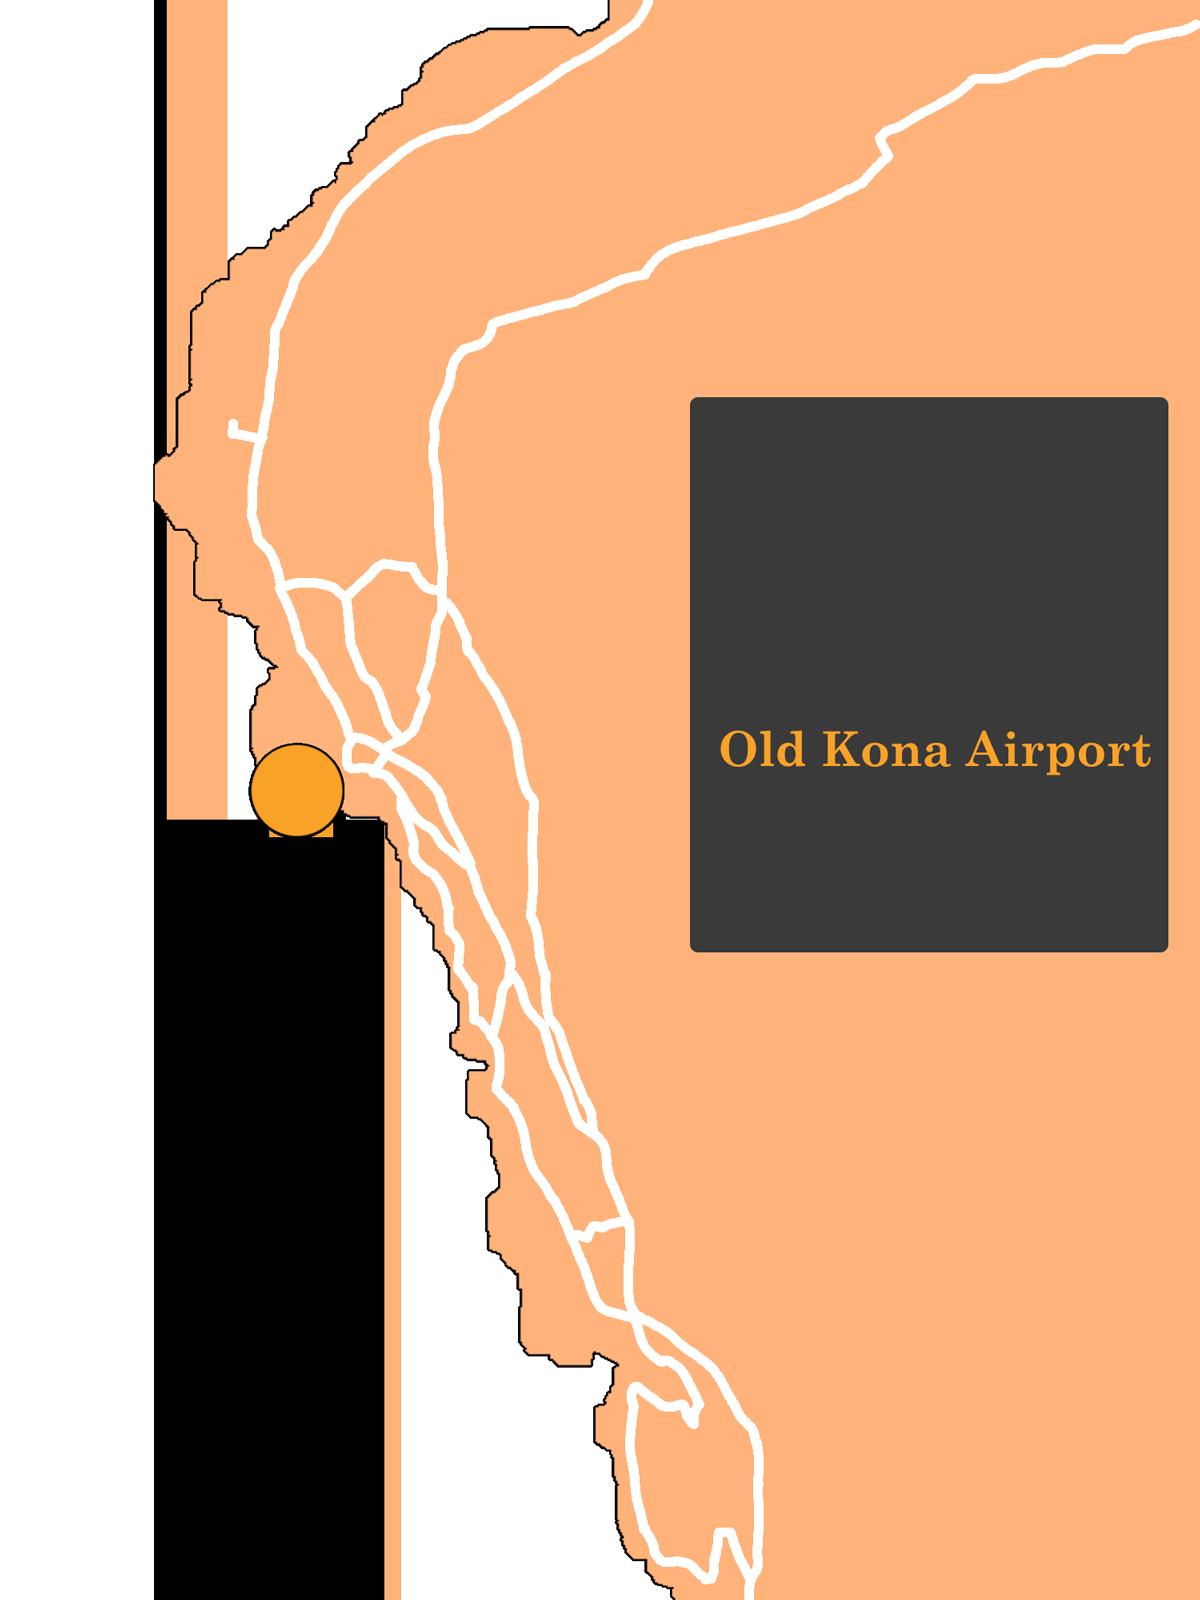 OldKonaAirportKonaMap.png